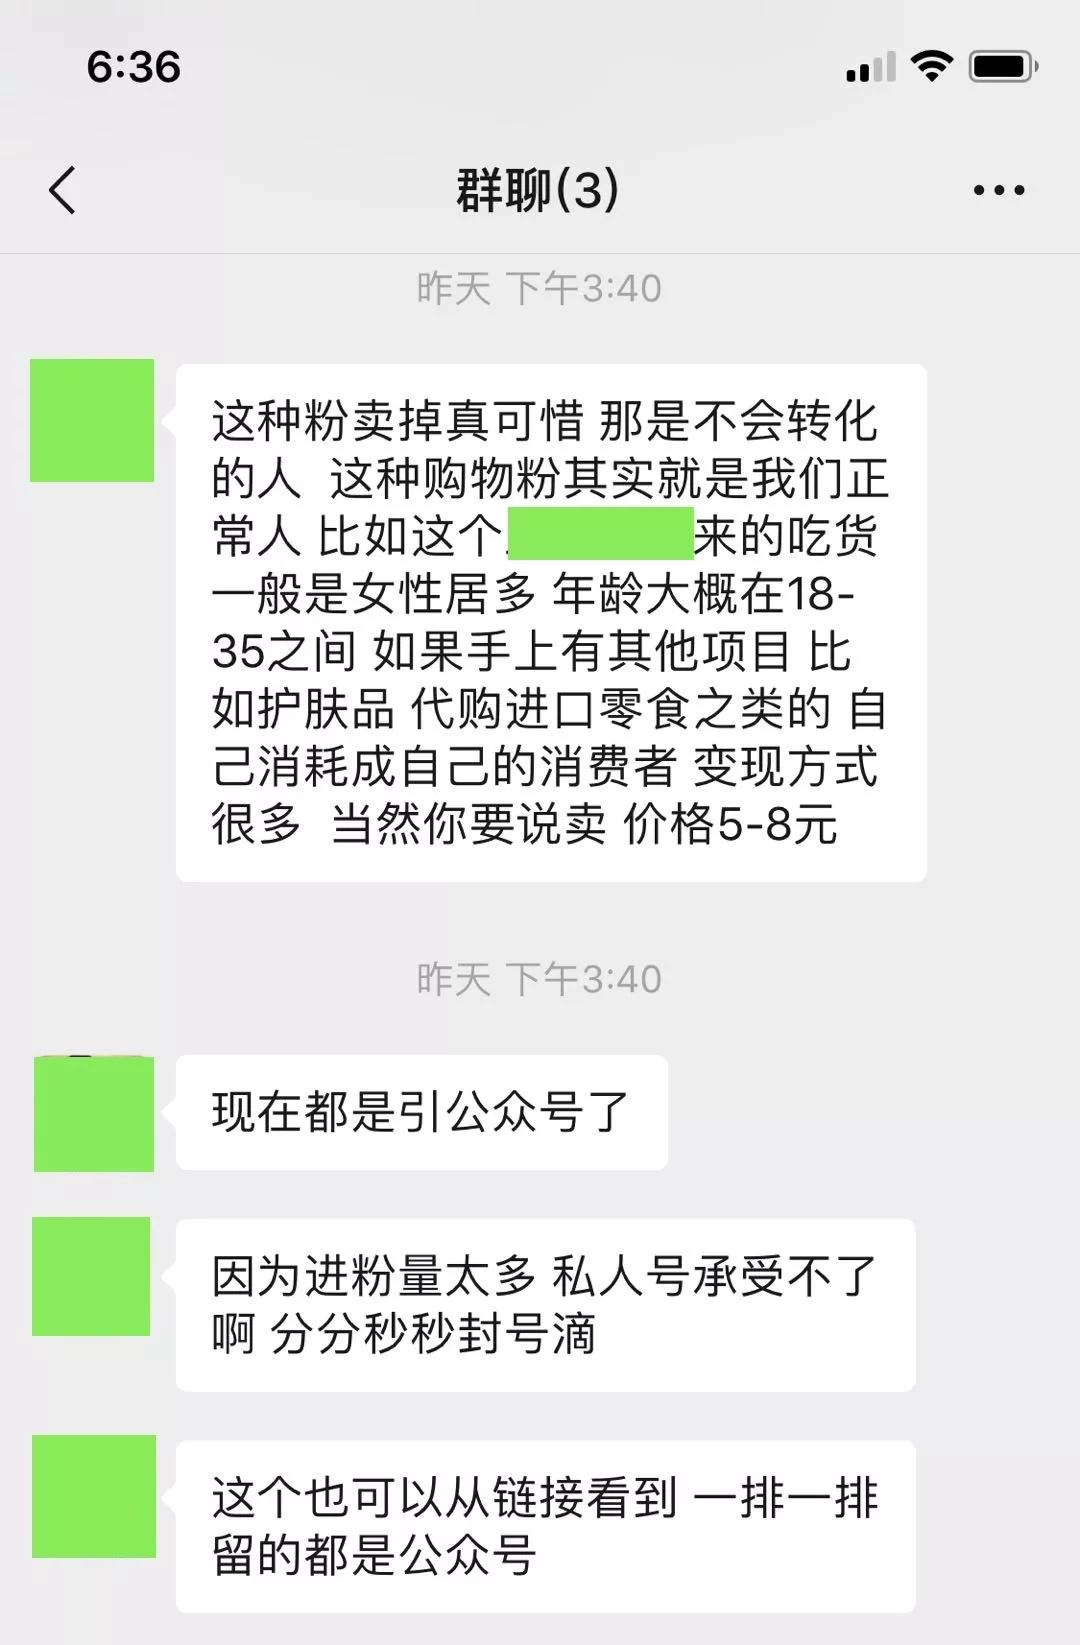 """老匡:买家评价沦为广告灾区,起底淘宝""""精准引流玄机""""!"""